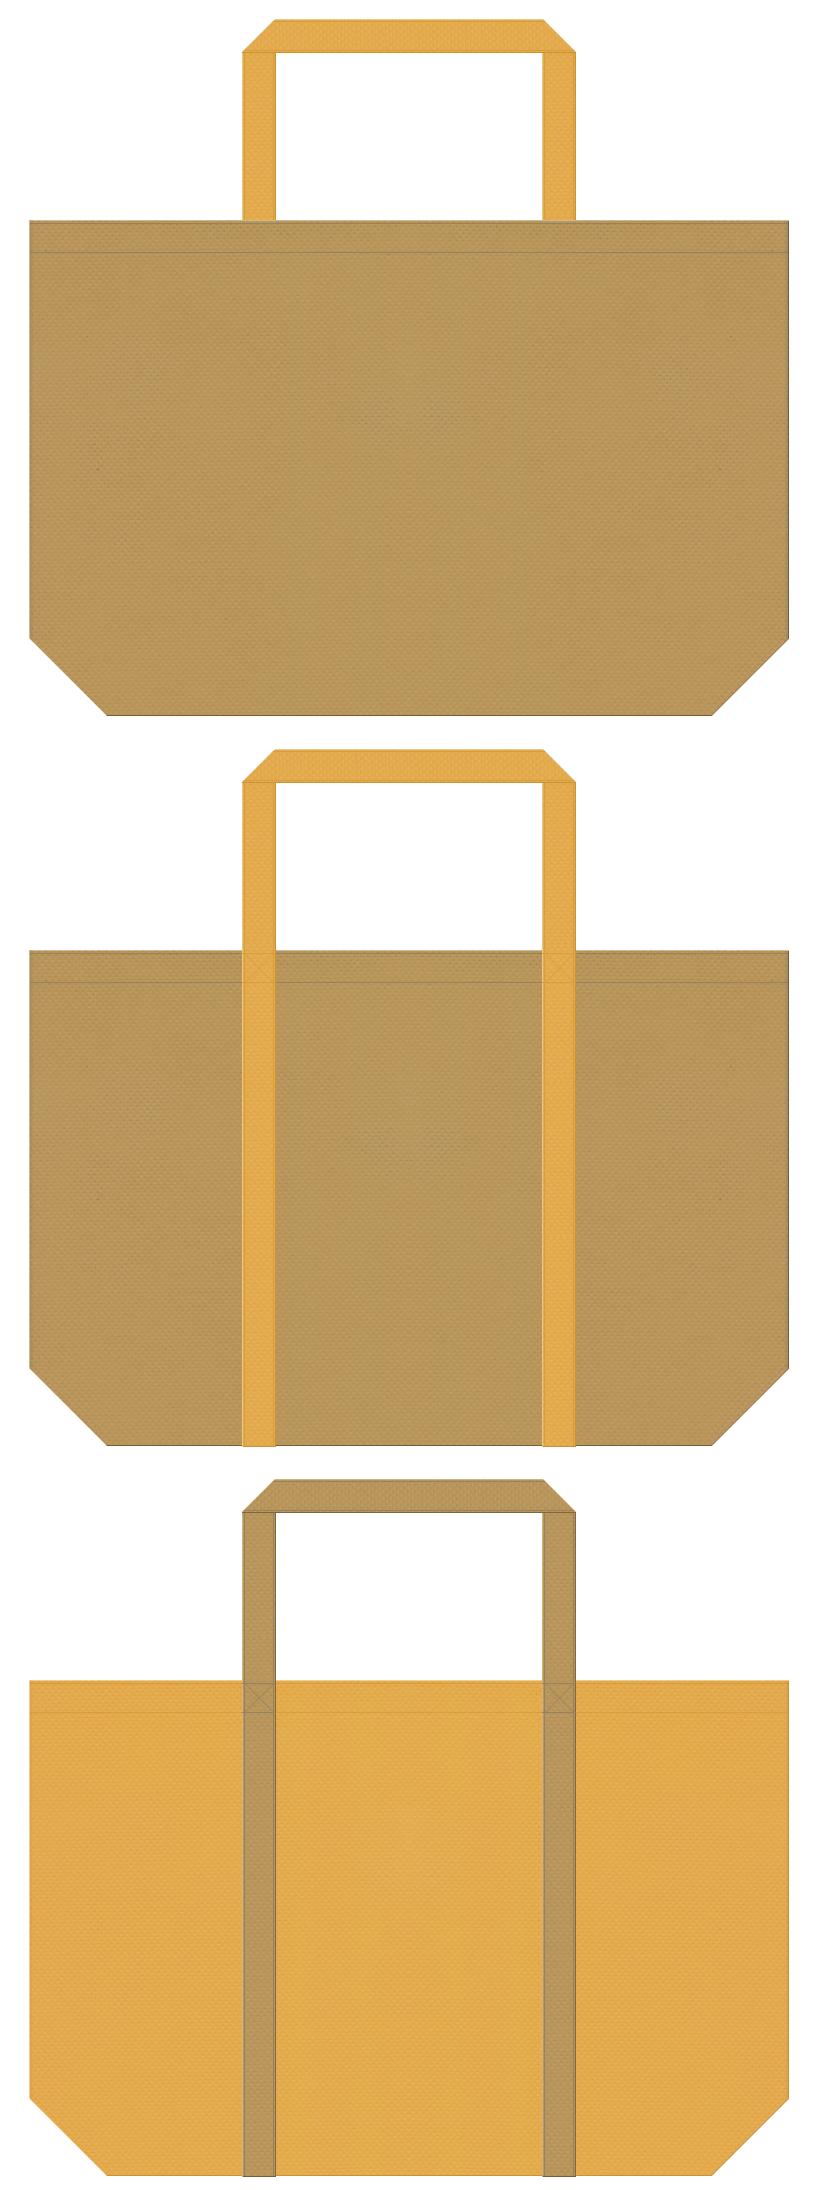 米酢・味醂・調味料・日曜大工・作業用品・土俵・相撲・縄・ロープ・DIYのショッピングバッグにお奨めの不織布バッグデザイン:金黄土色と黄土色のコーデ